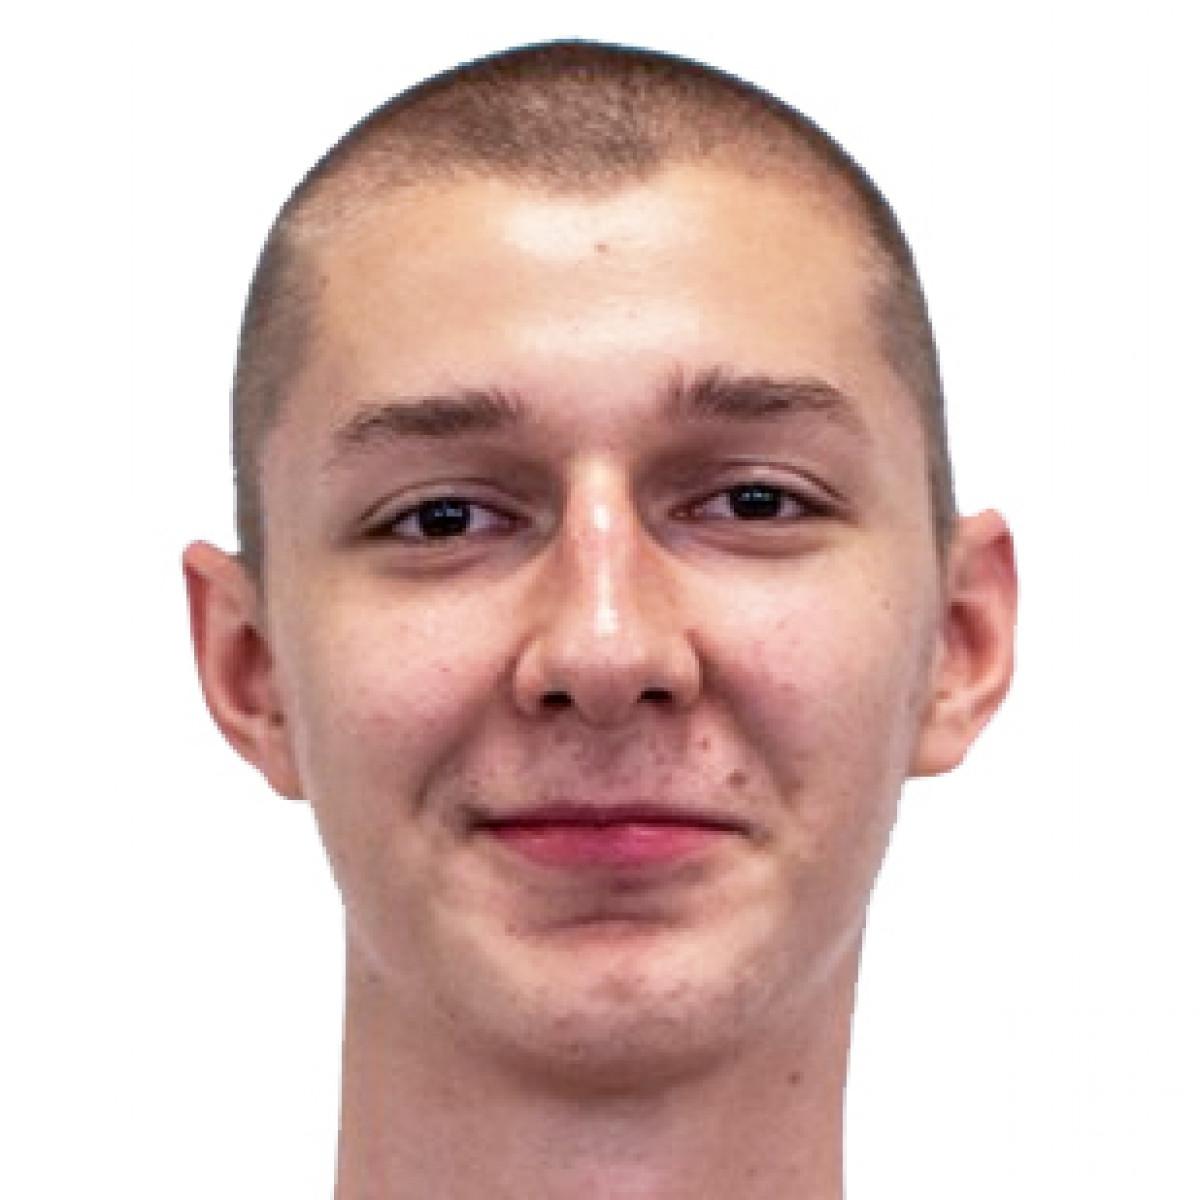 Wiktor Kania